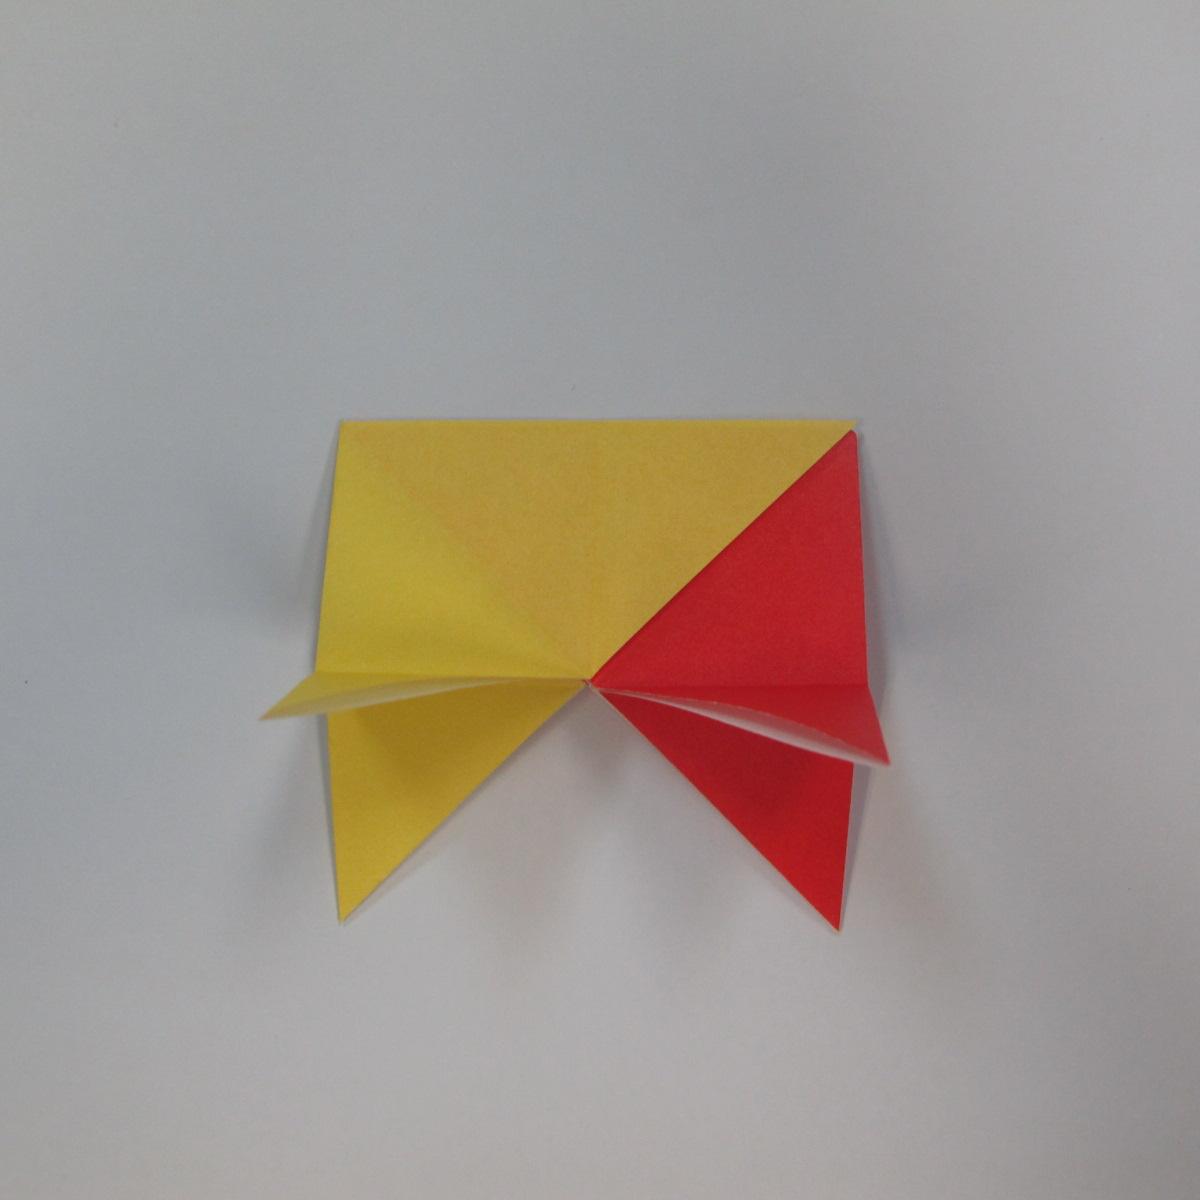 วิธีการพับกระดาษเป็นดาวหกแฉกแบบโมดูล่า 010